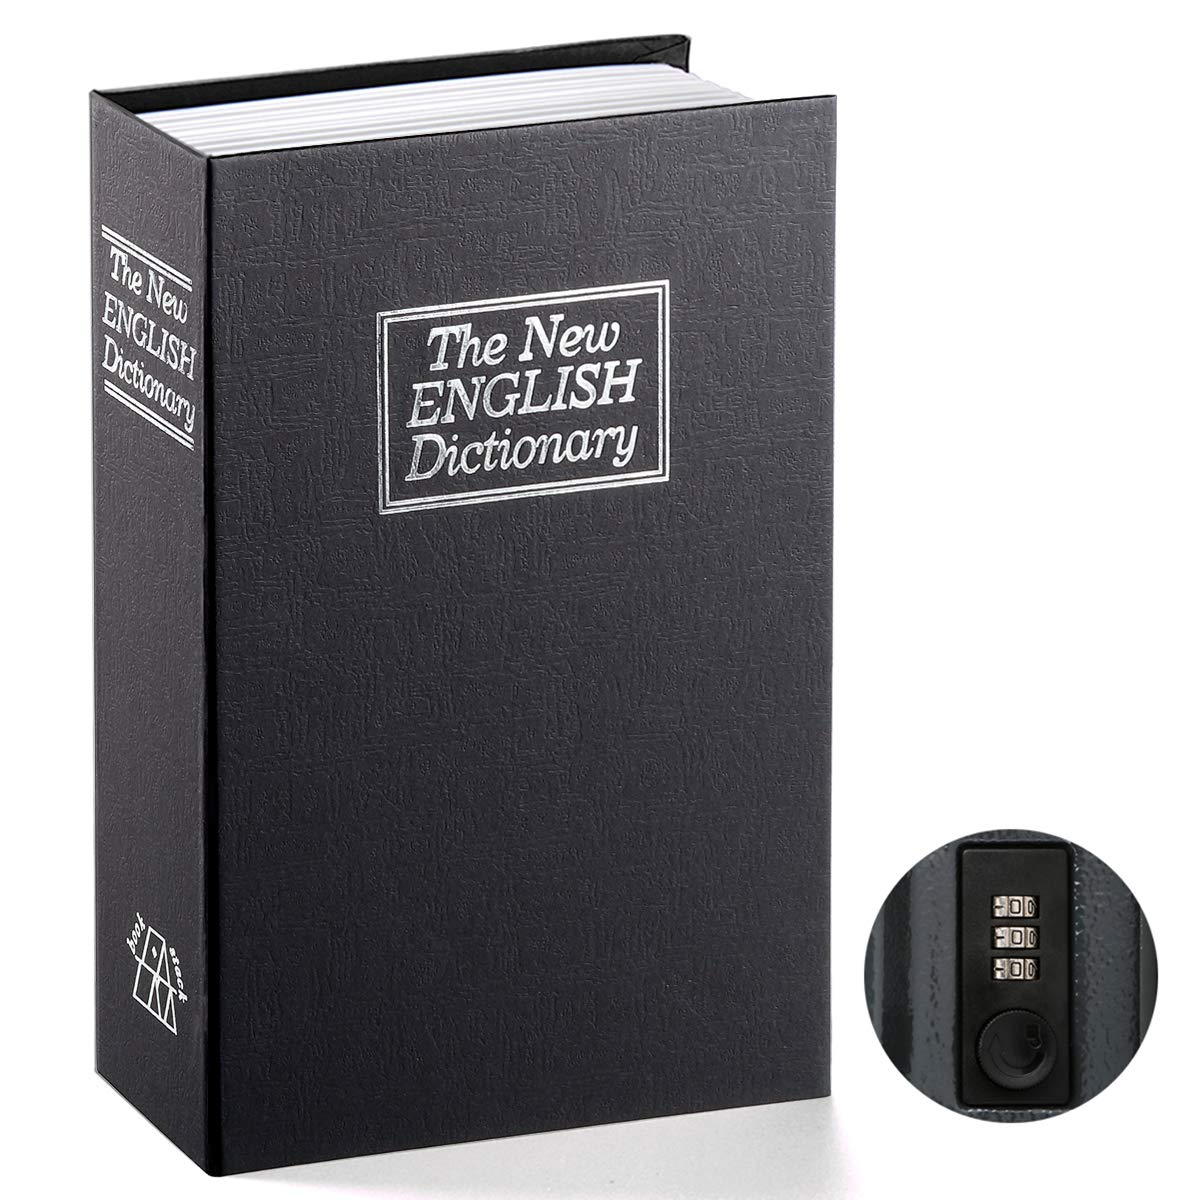 Book Safe with Combination Lock - Jssmst Home Dictionary Diversion Metal Safe Lock Box 2017, SM-BS0402L, Black Large by Jssmst